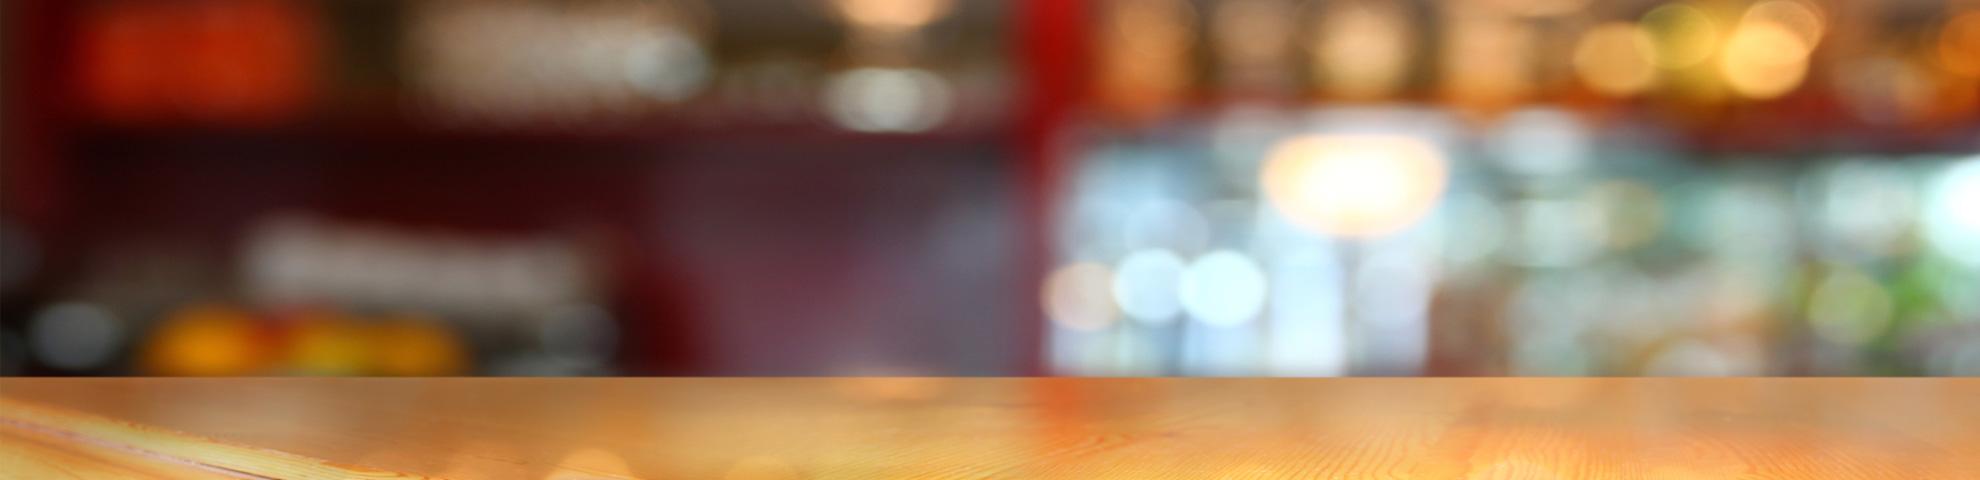 Hintergrundbild des Headers der Seite Referenzen - Ansicht einer Theke